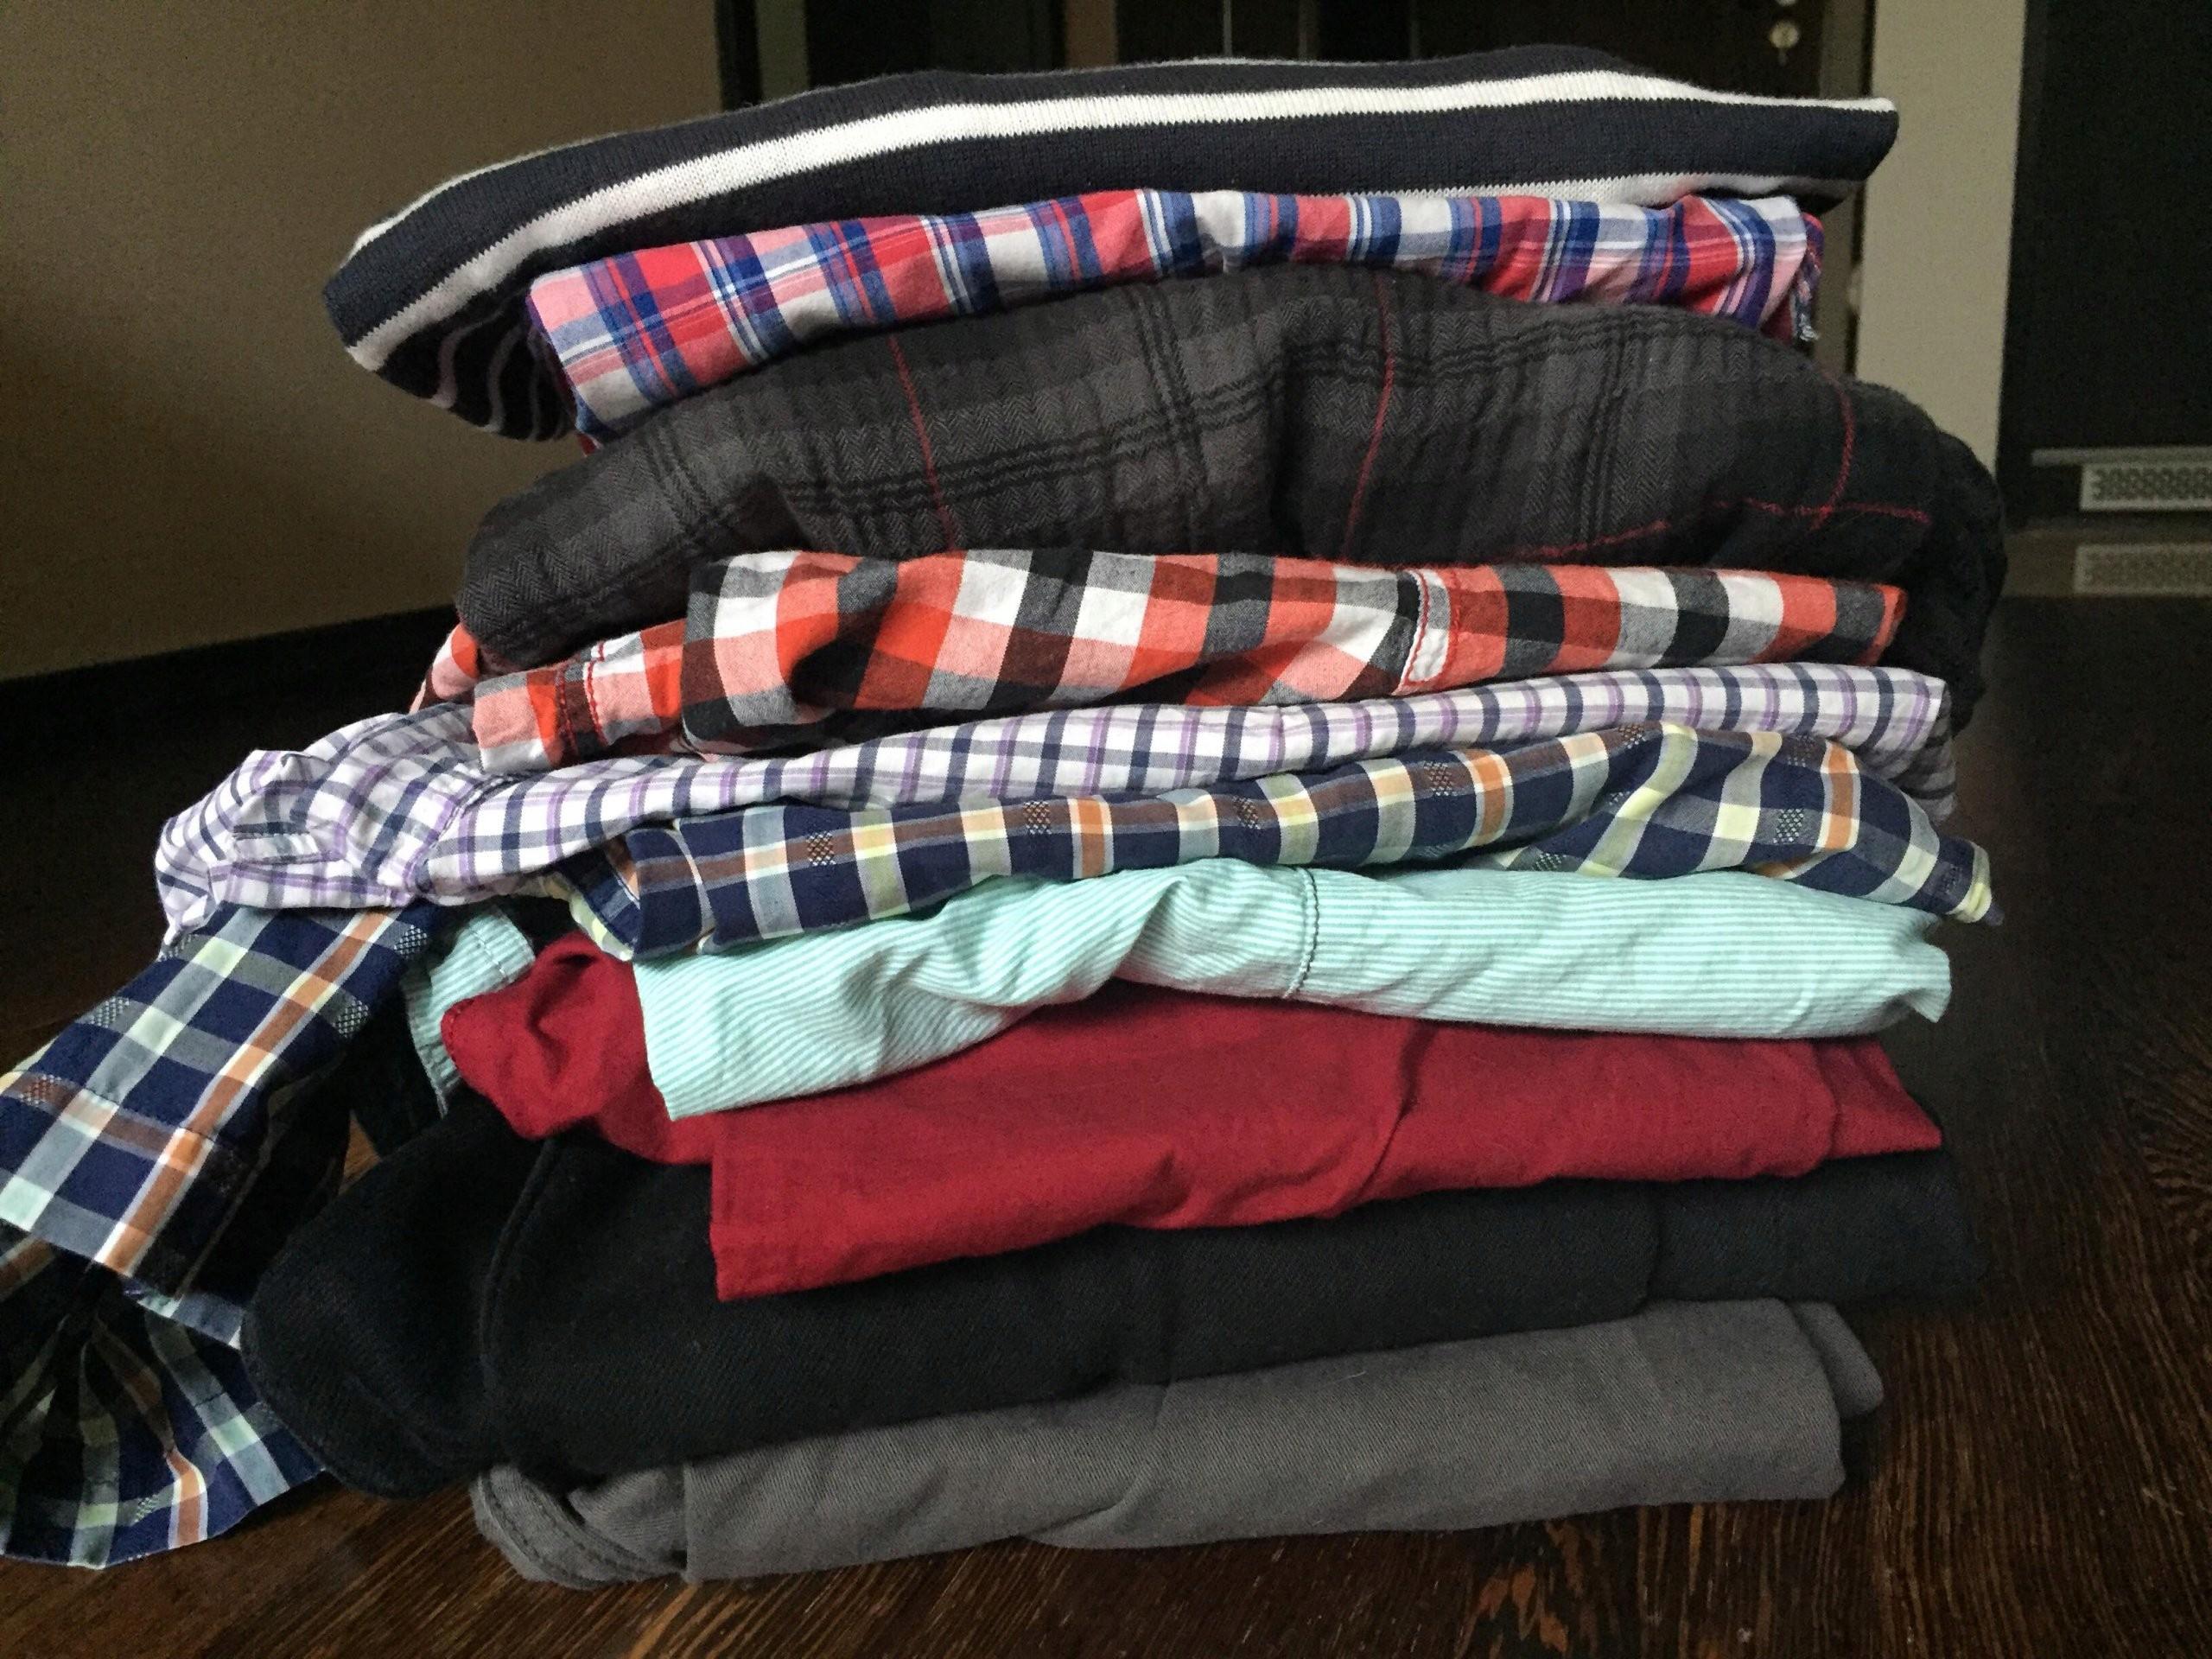 Paka męskich koszul i spodni bcm r. L stan bdb